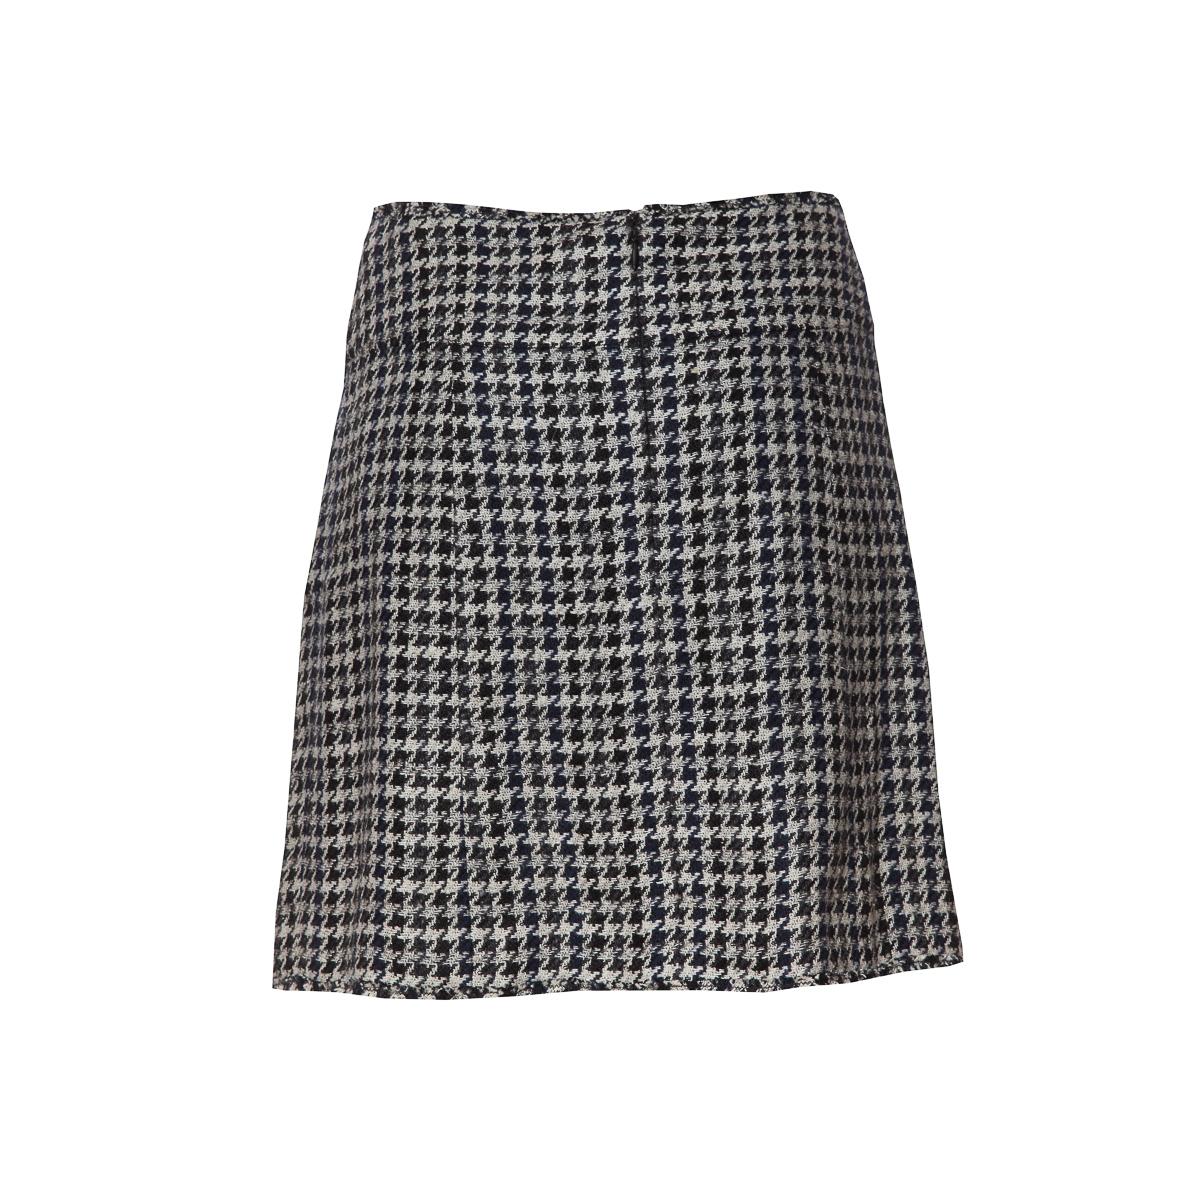 Стильная юбка из черно-белого твида с рисунком гусиная лапка от Chanel, 36 размер.